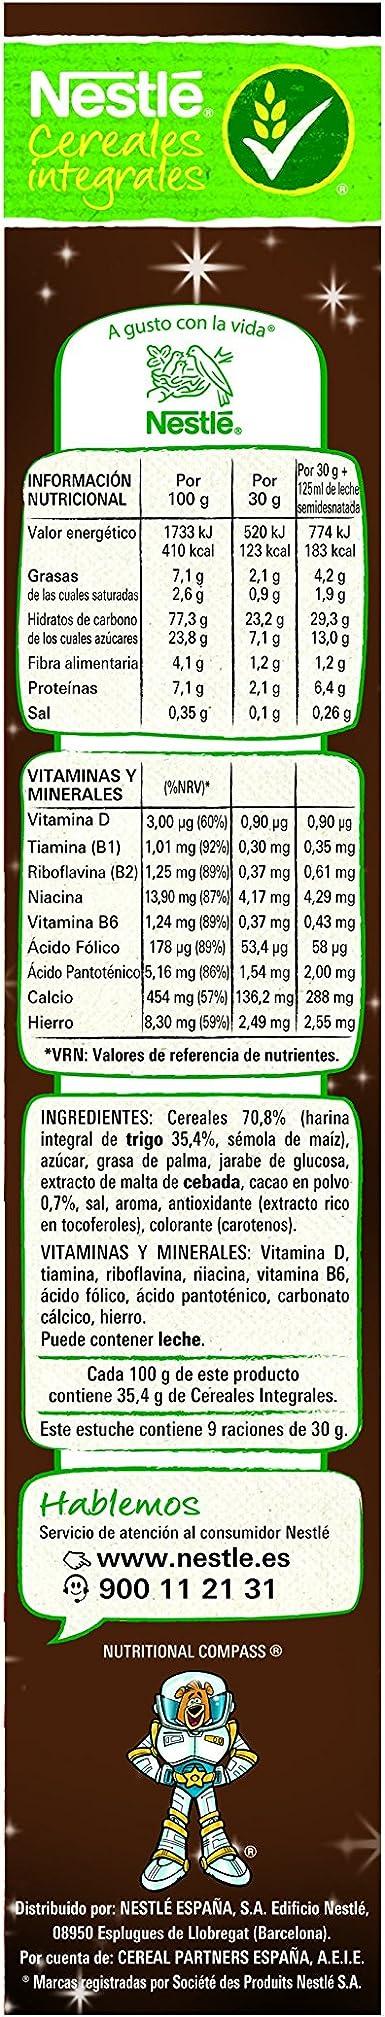 Nestlé Estrellitas Cereales de maíz y trigo tostados sabor galleta maría - 270 gr